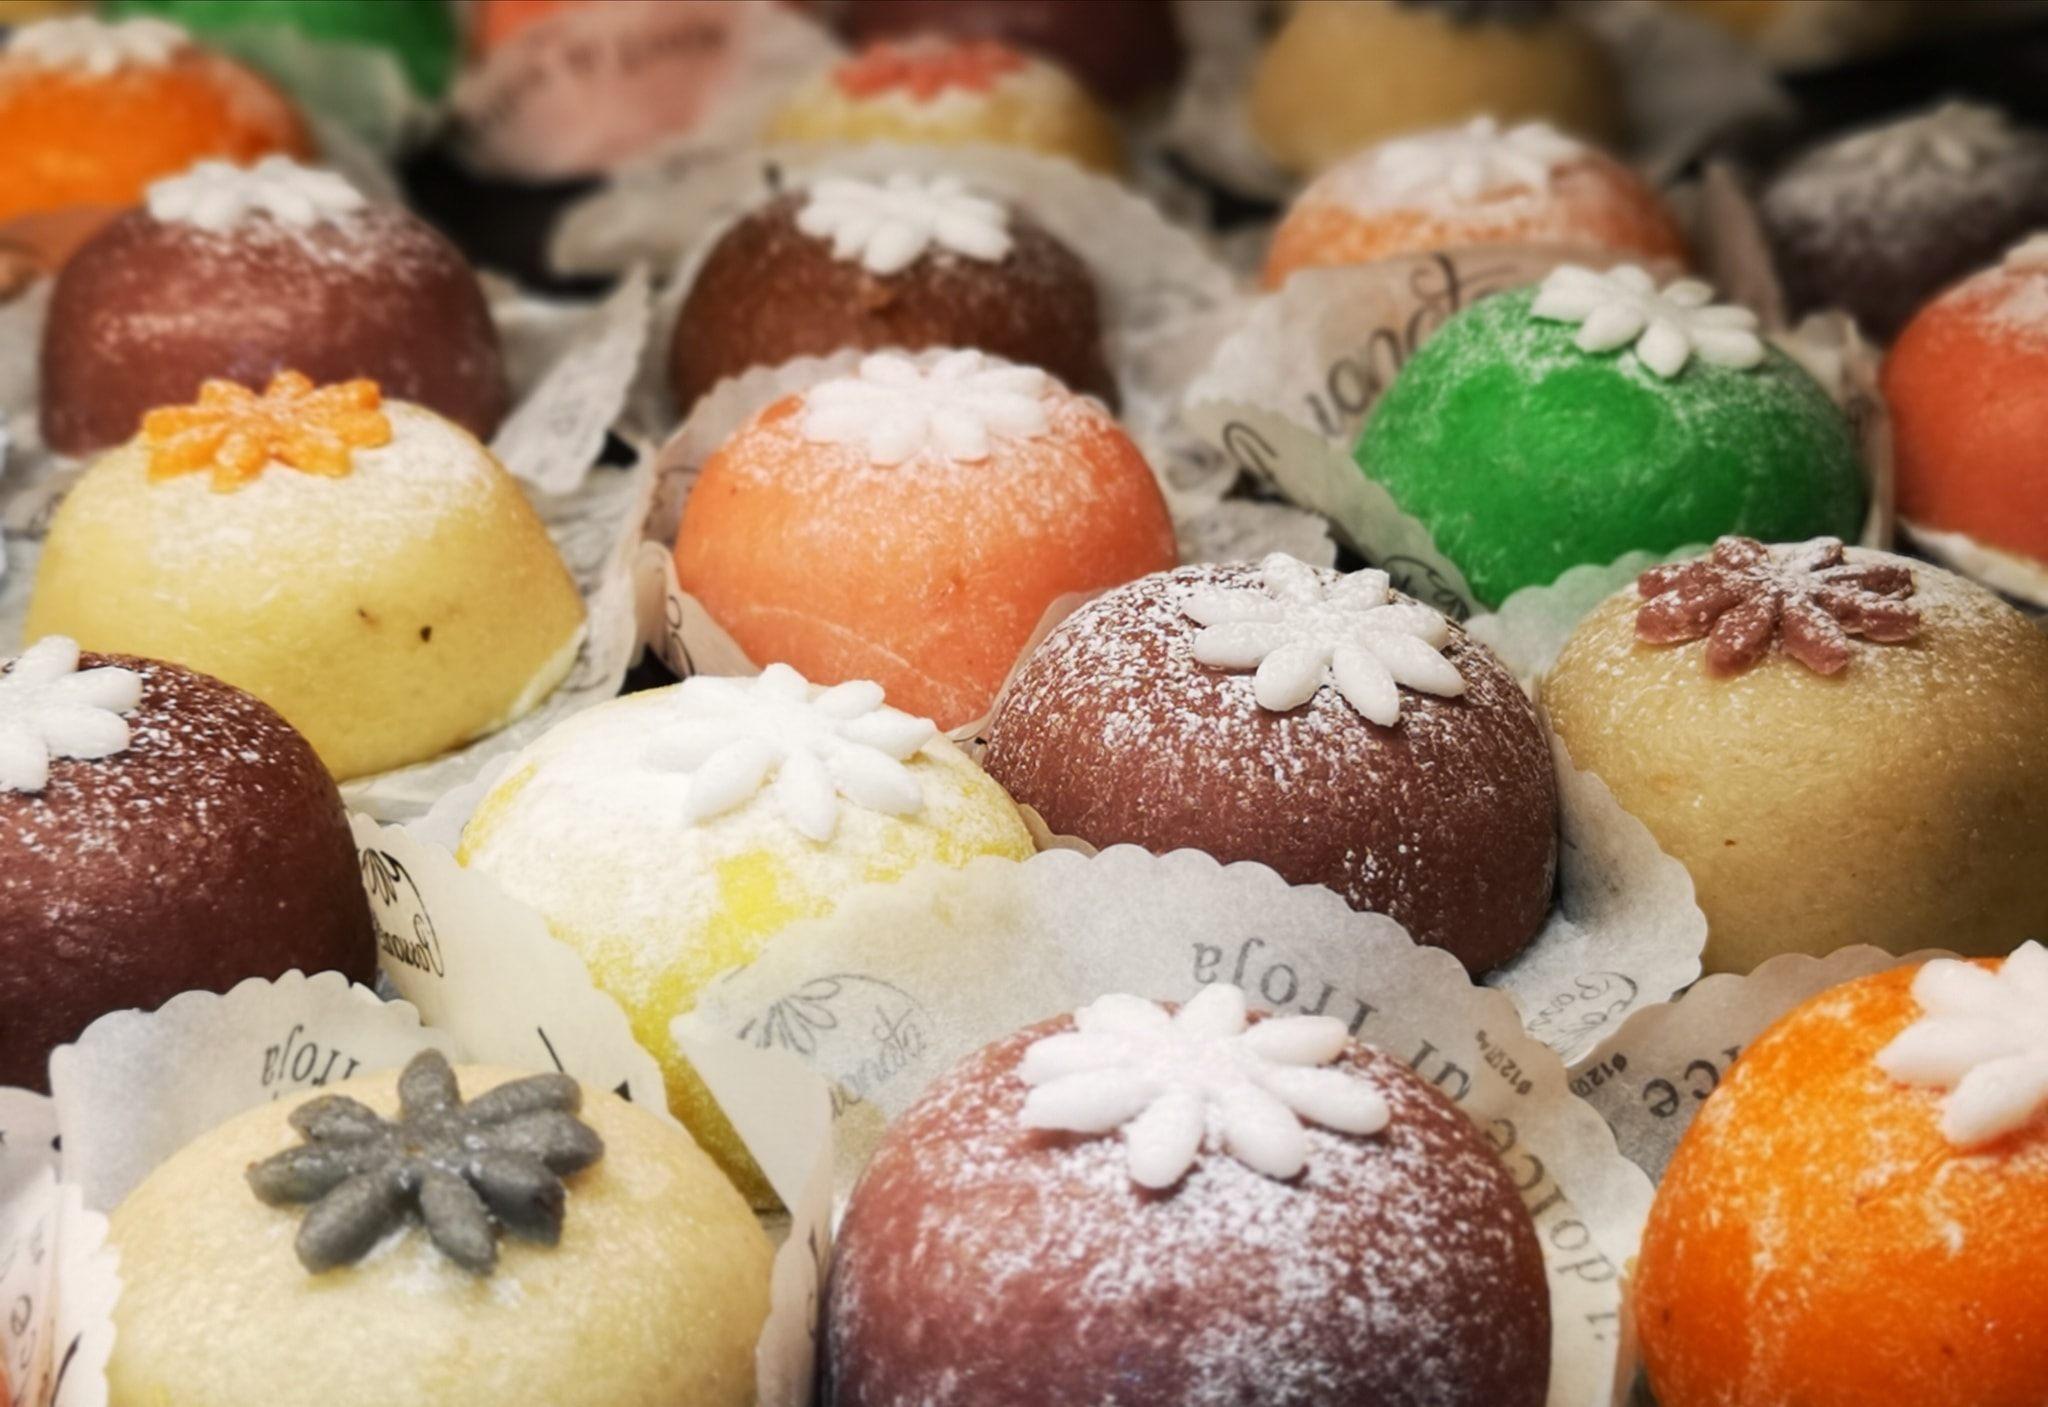 Ricetta Dolci Italiani.6 Dolci Tipici Italiani Da Assaggiare Nei Luoghi In Cui Nascono Agrodolce